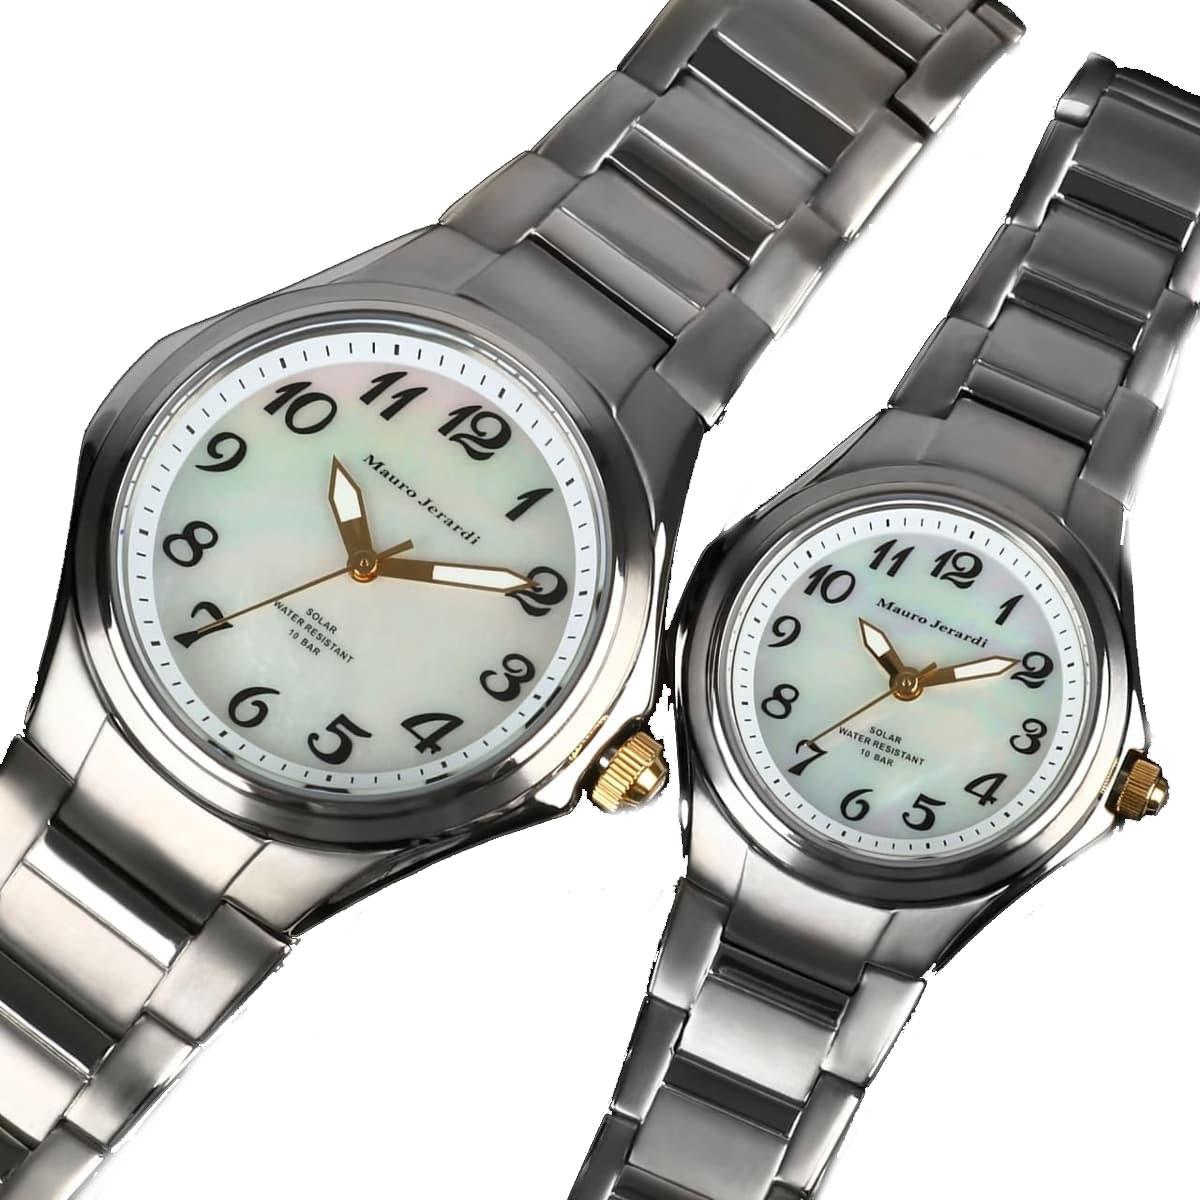 マウロジェラルディ 腕時計 ペア ペアウォッチ Mauro Jerardi チタン ソーラー MJ039-4 MJ040-4